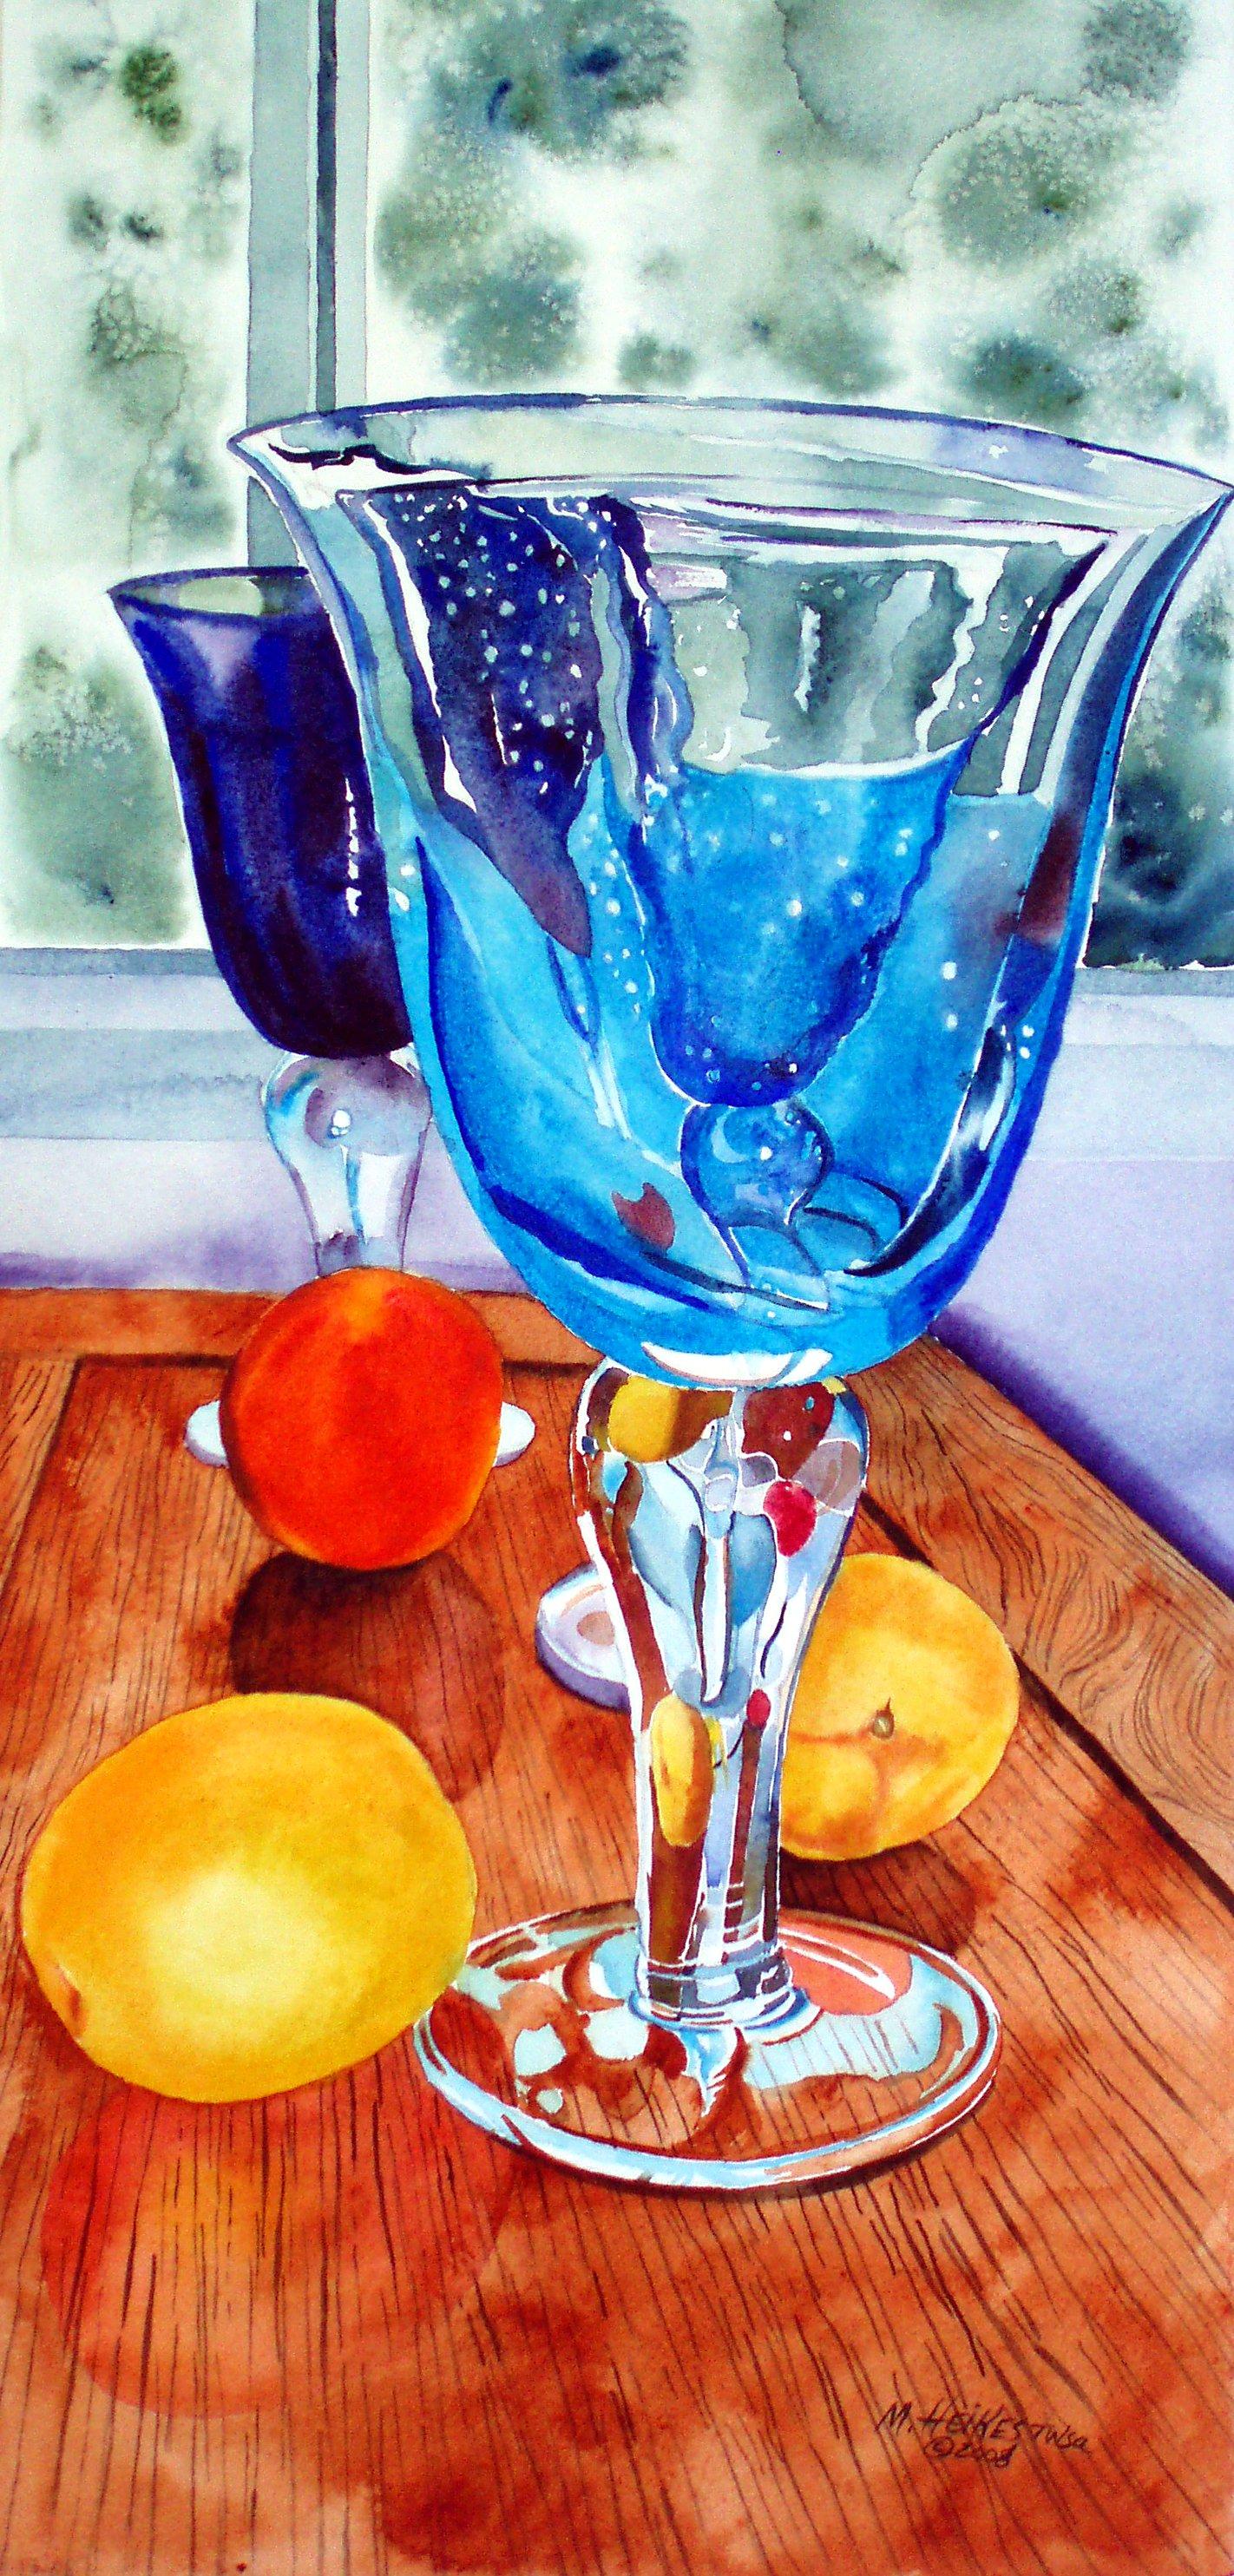 Apricots & Goblets